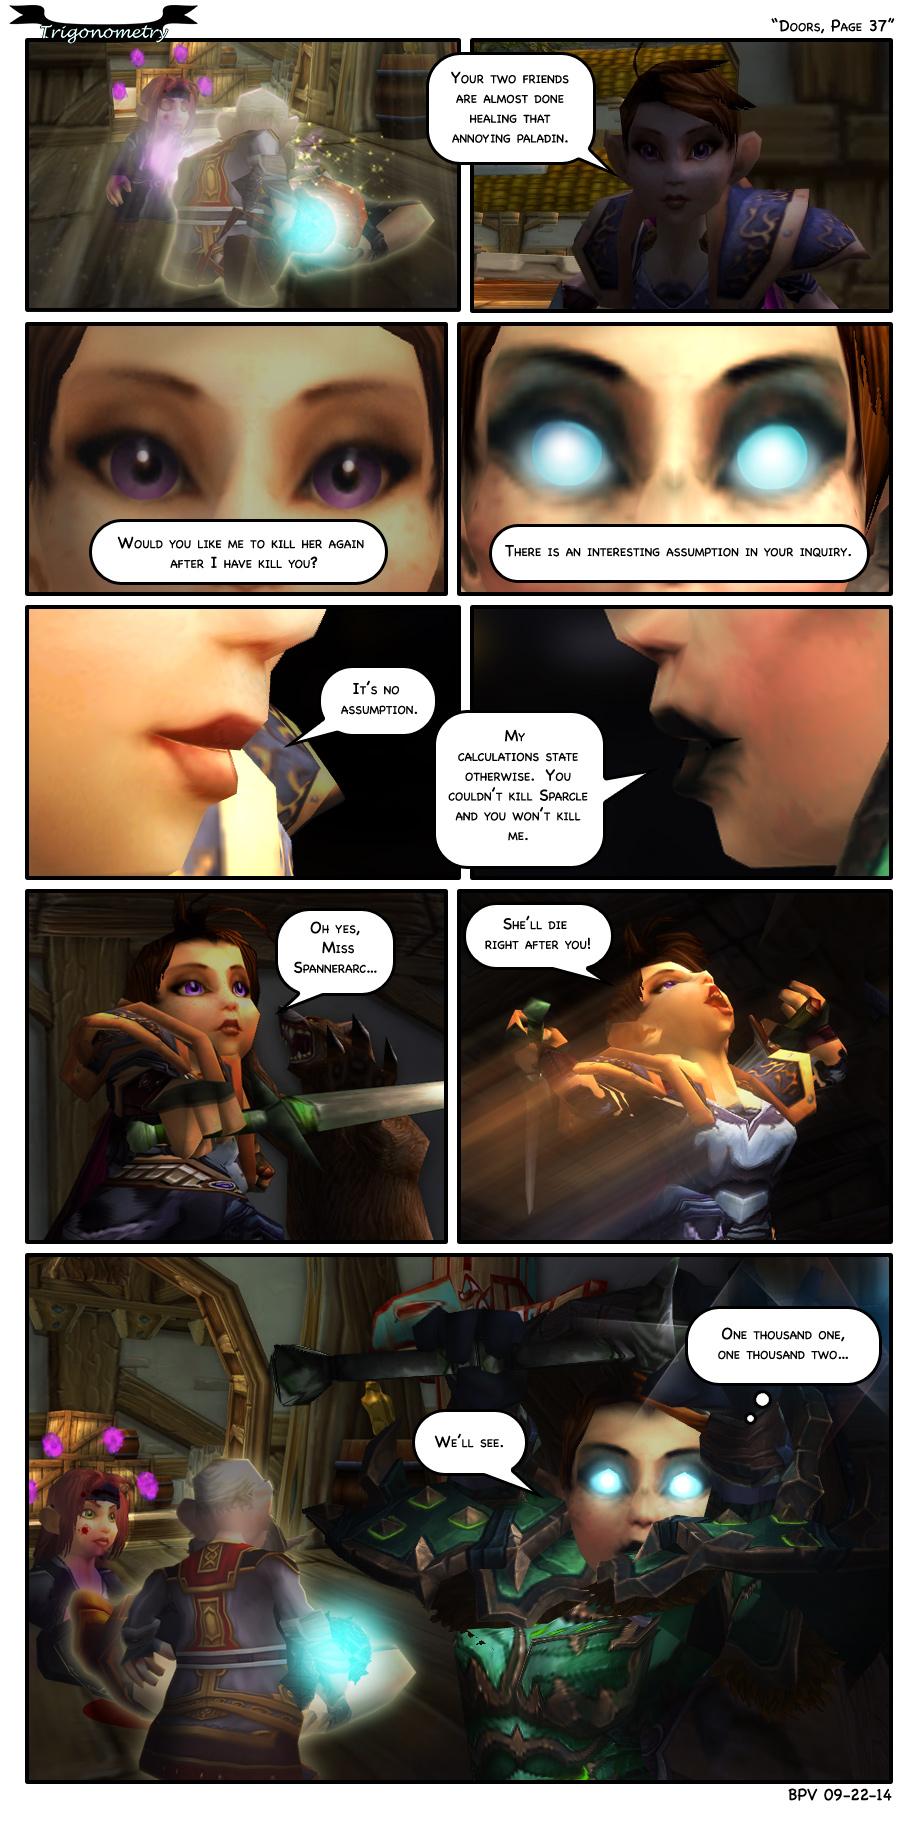 Doors, Page 37